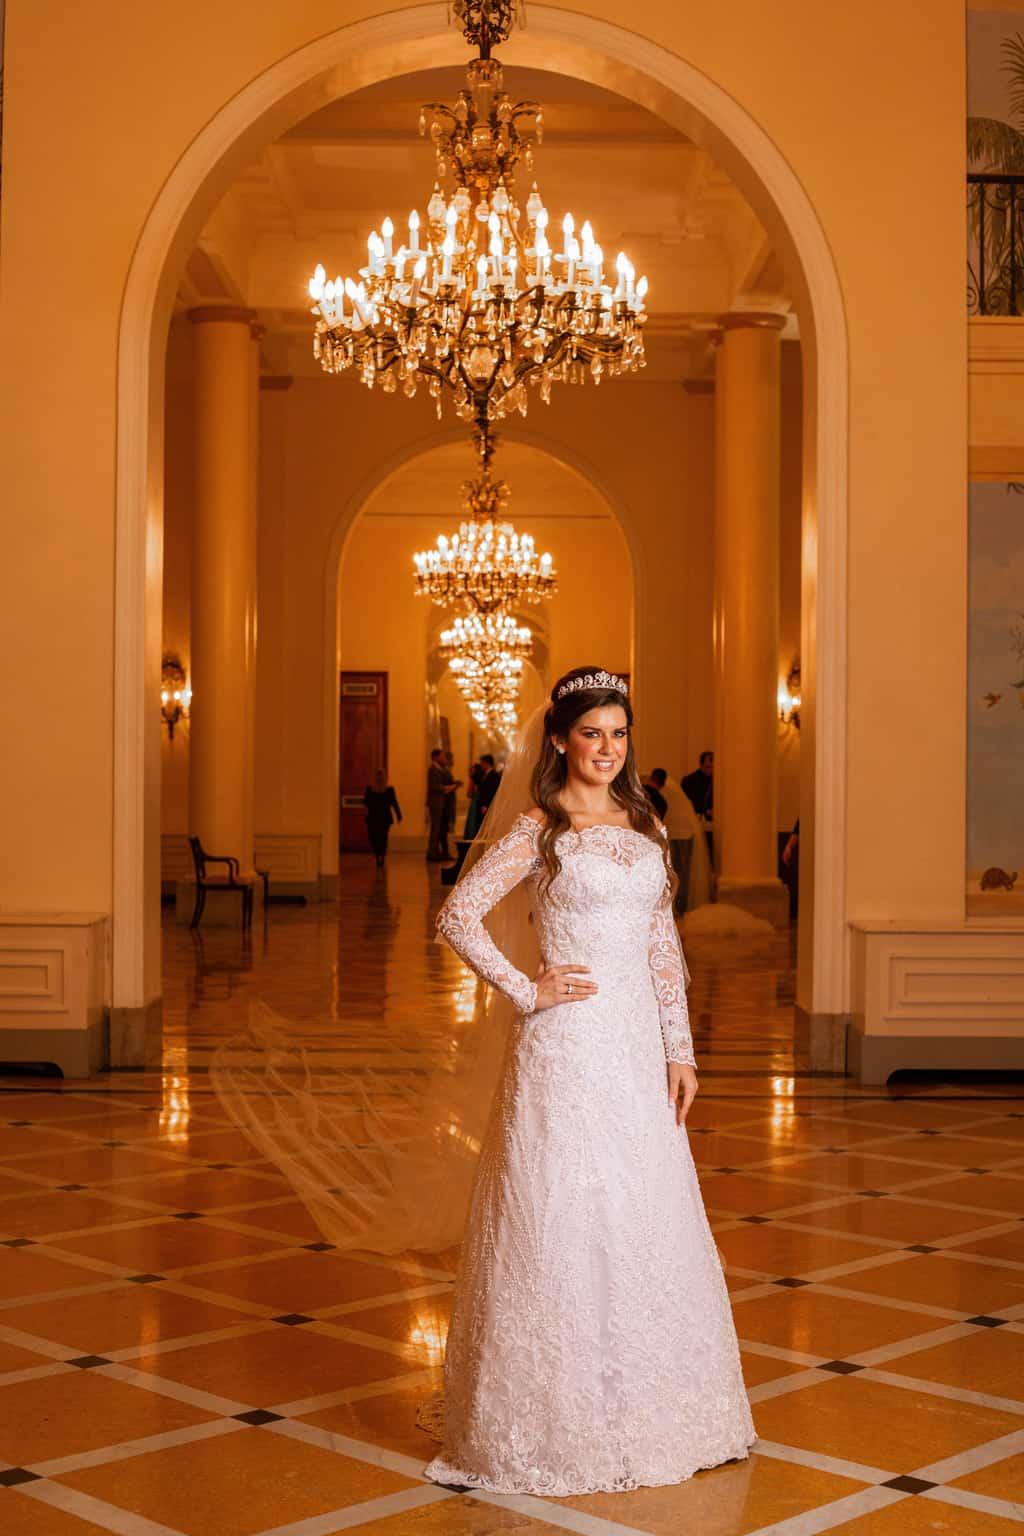 casamento-Raquel-e-Igor-copacabana-Palace-foto-da-noiva-fotografia-VRebel132